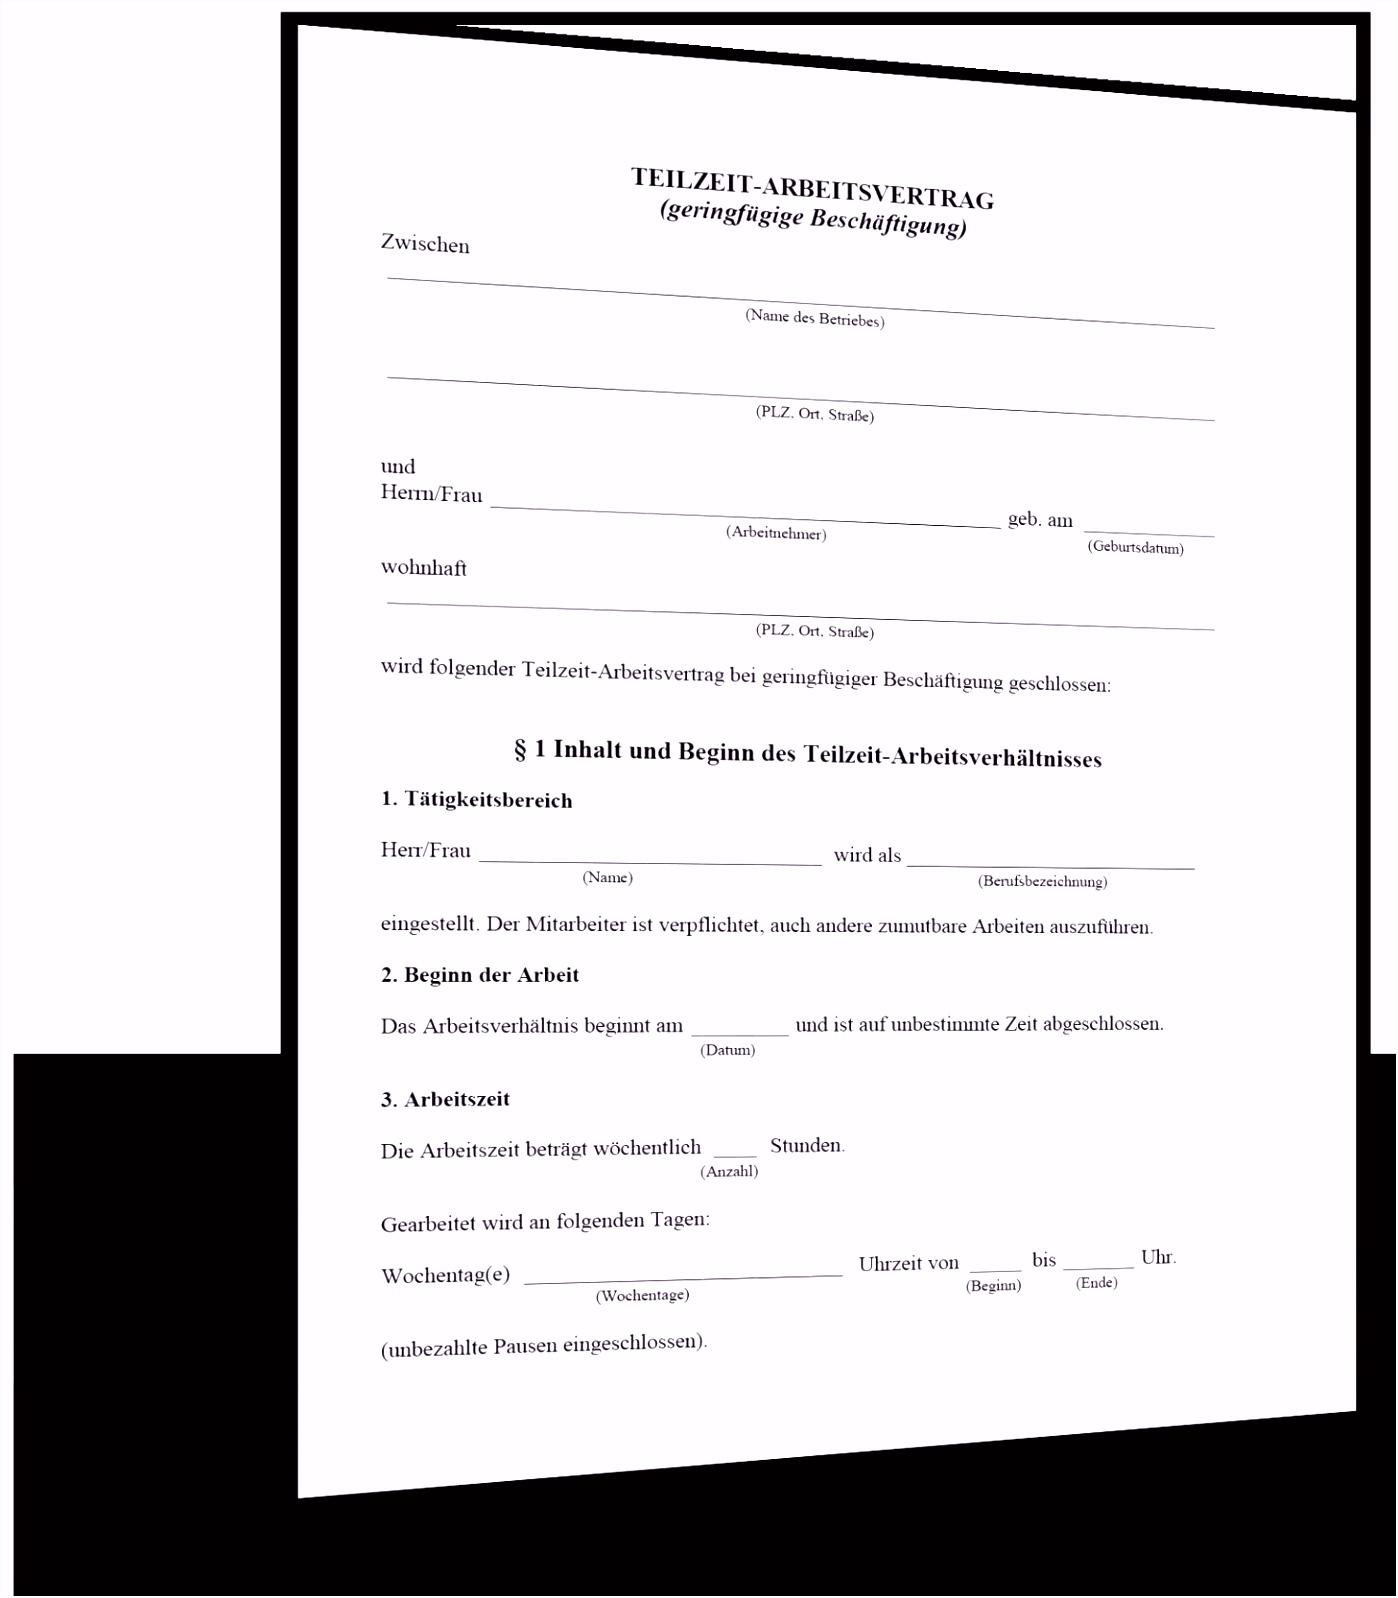 Ressourcenplan Vorlage 6 Leistungsverzeichnis Reinigung Vorlage Bknkrs D3ek74zly7 M5tyh5crg6